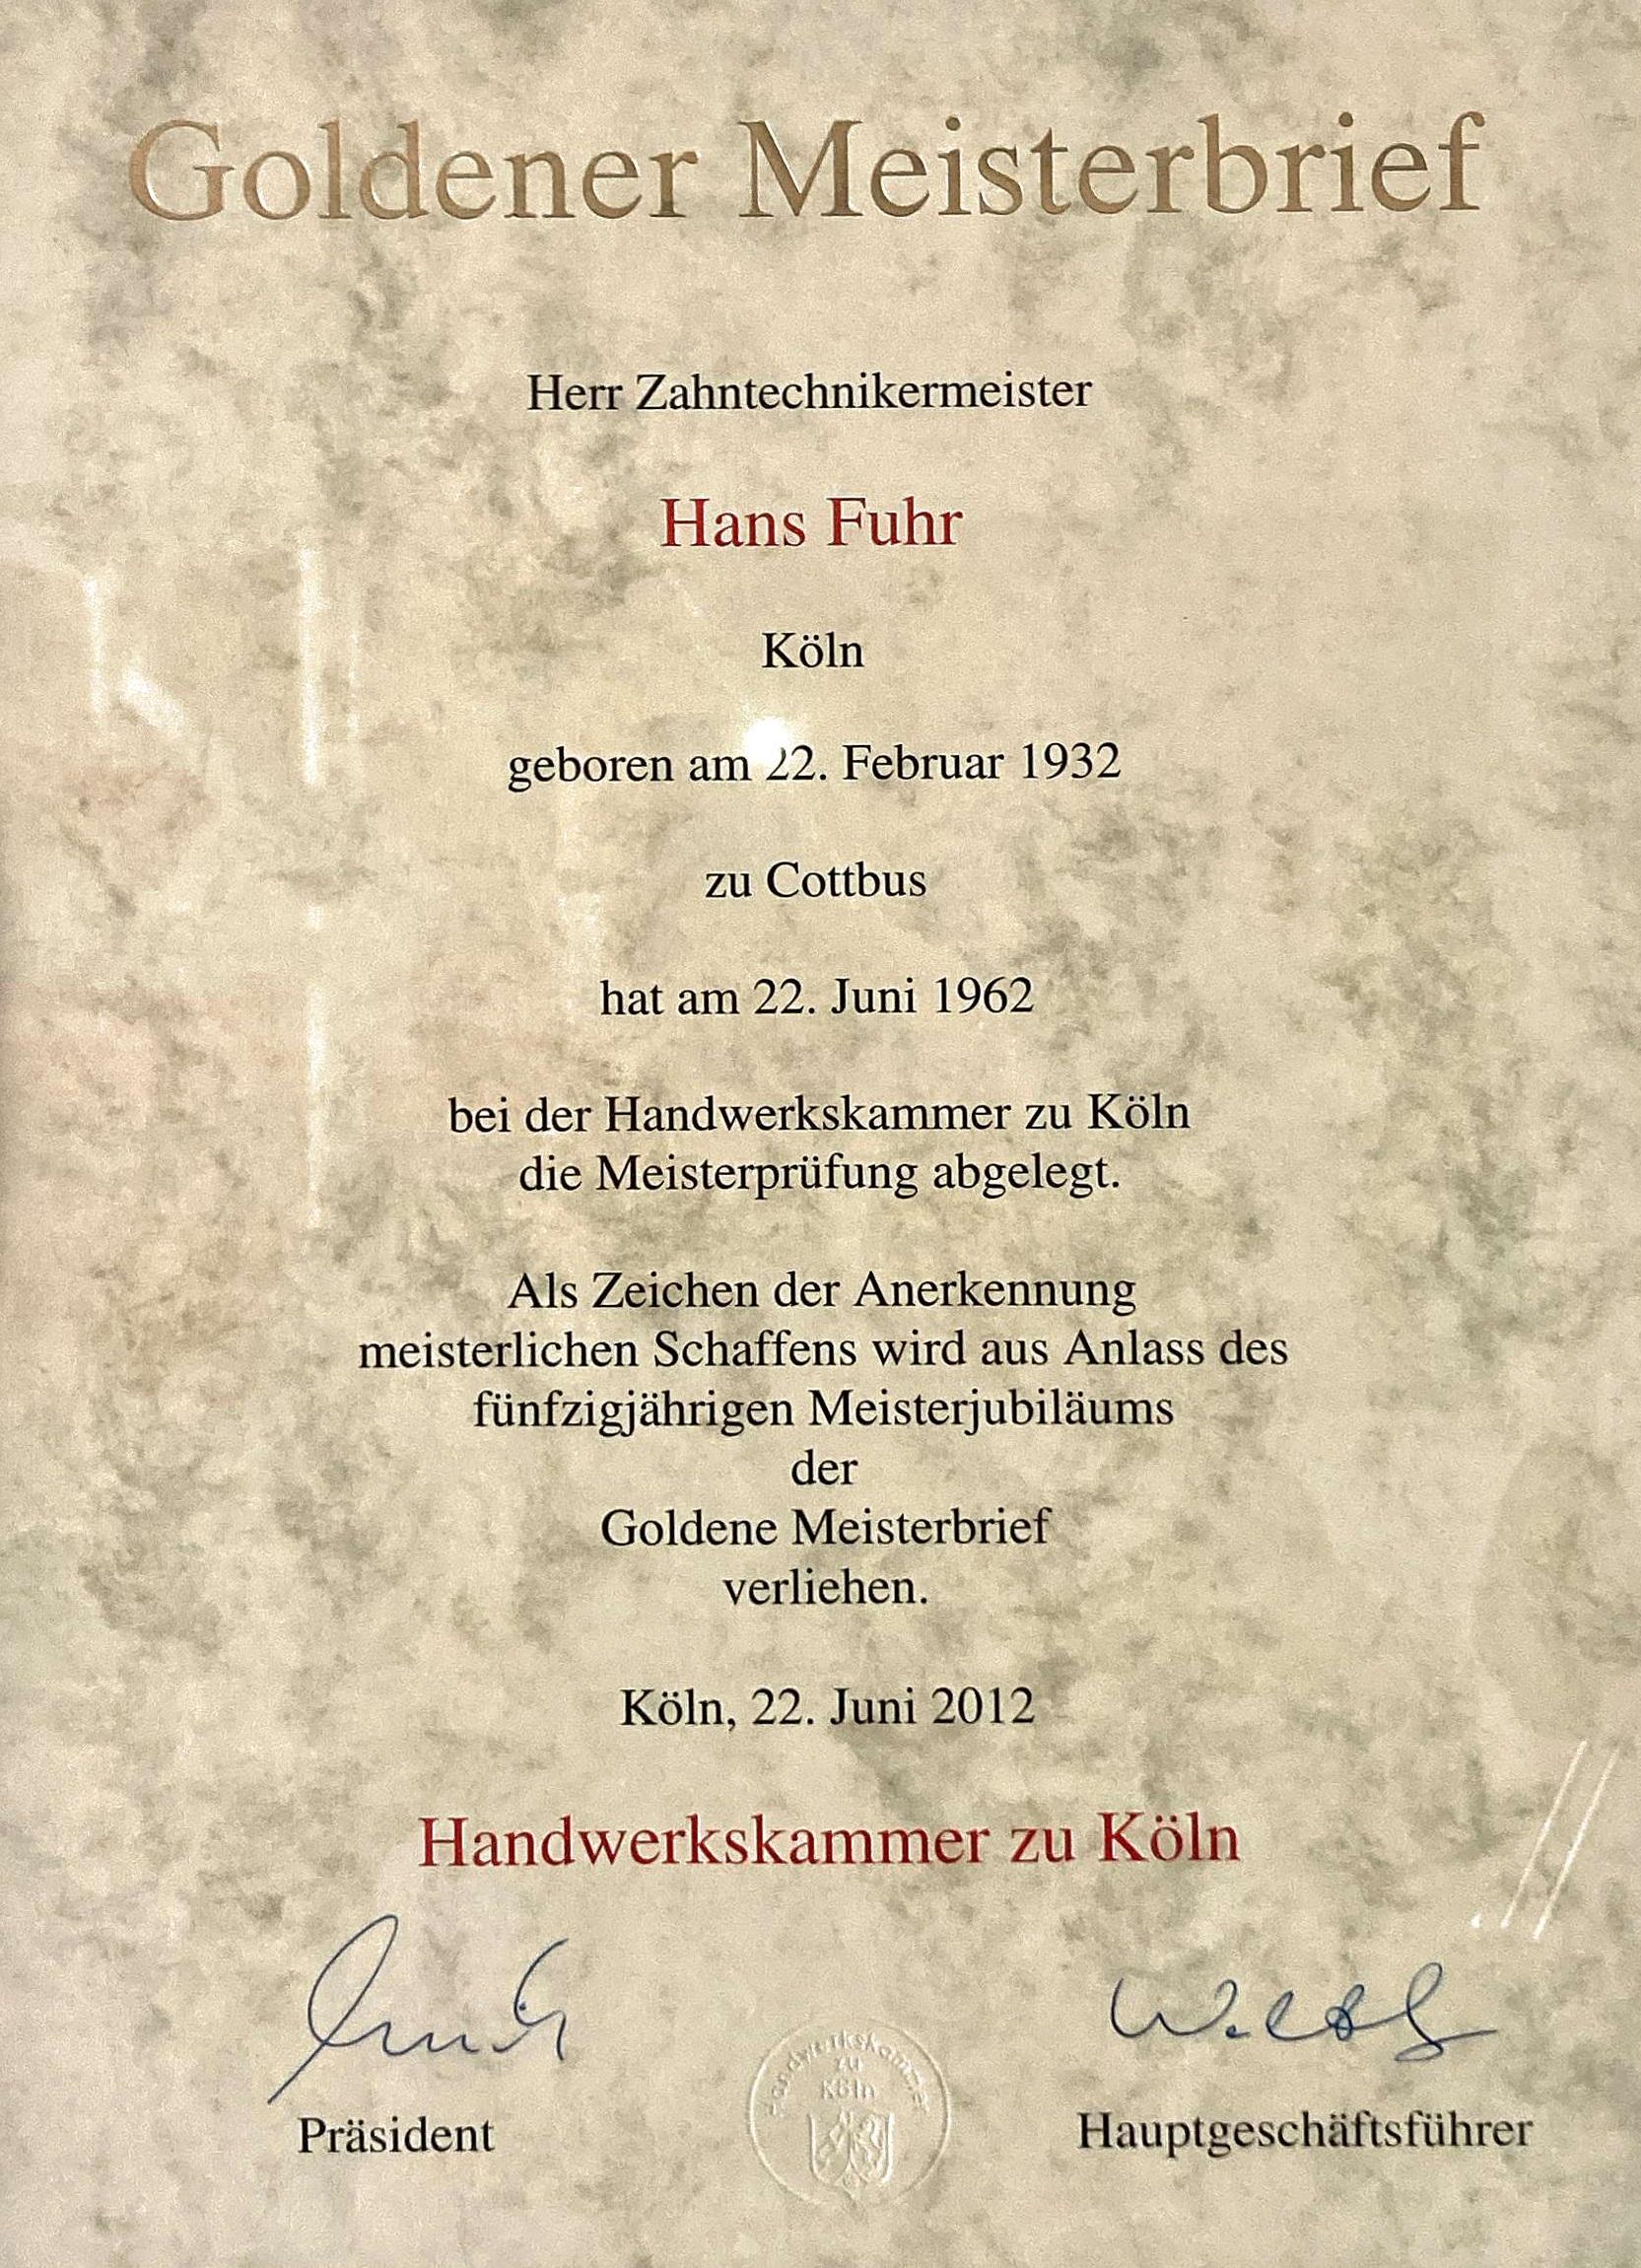 Urkunde Hans Fuhr Goldener Meisterbrief